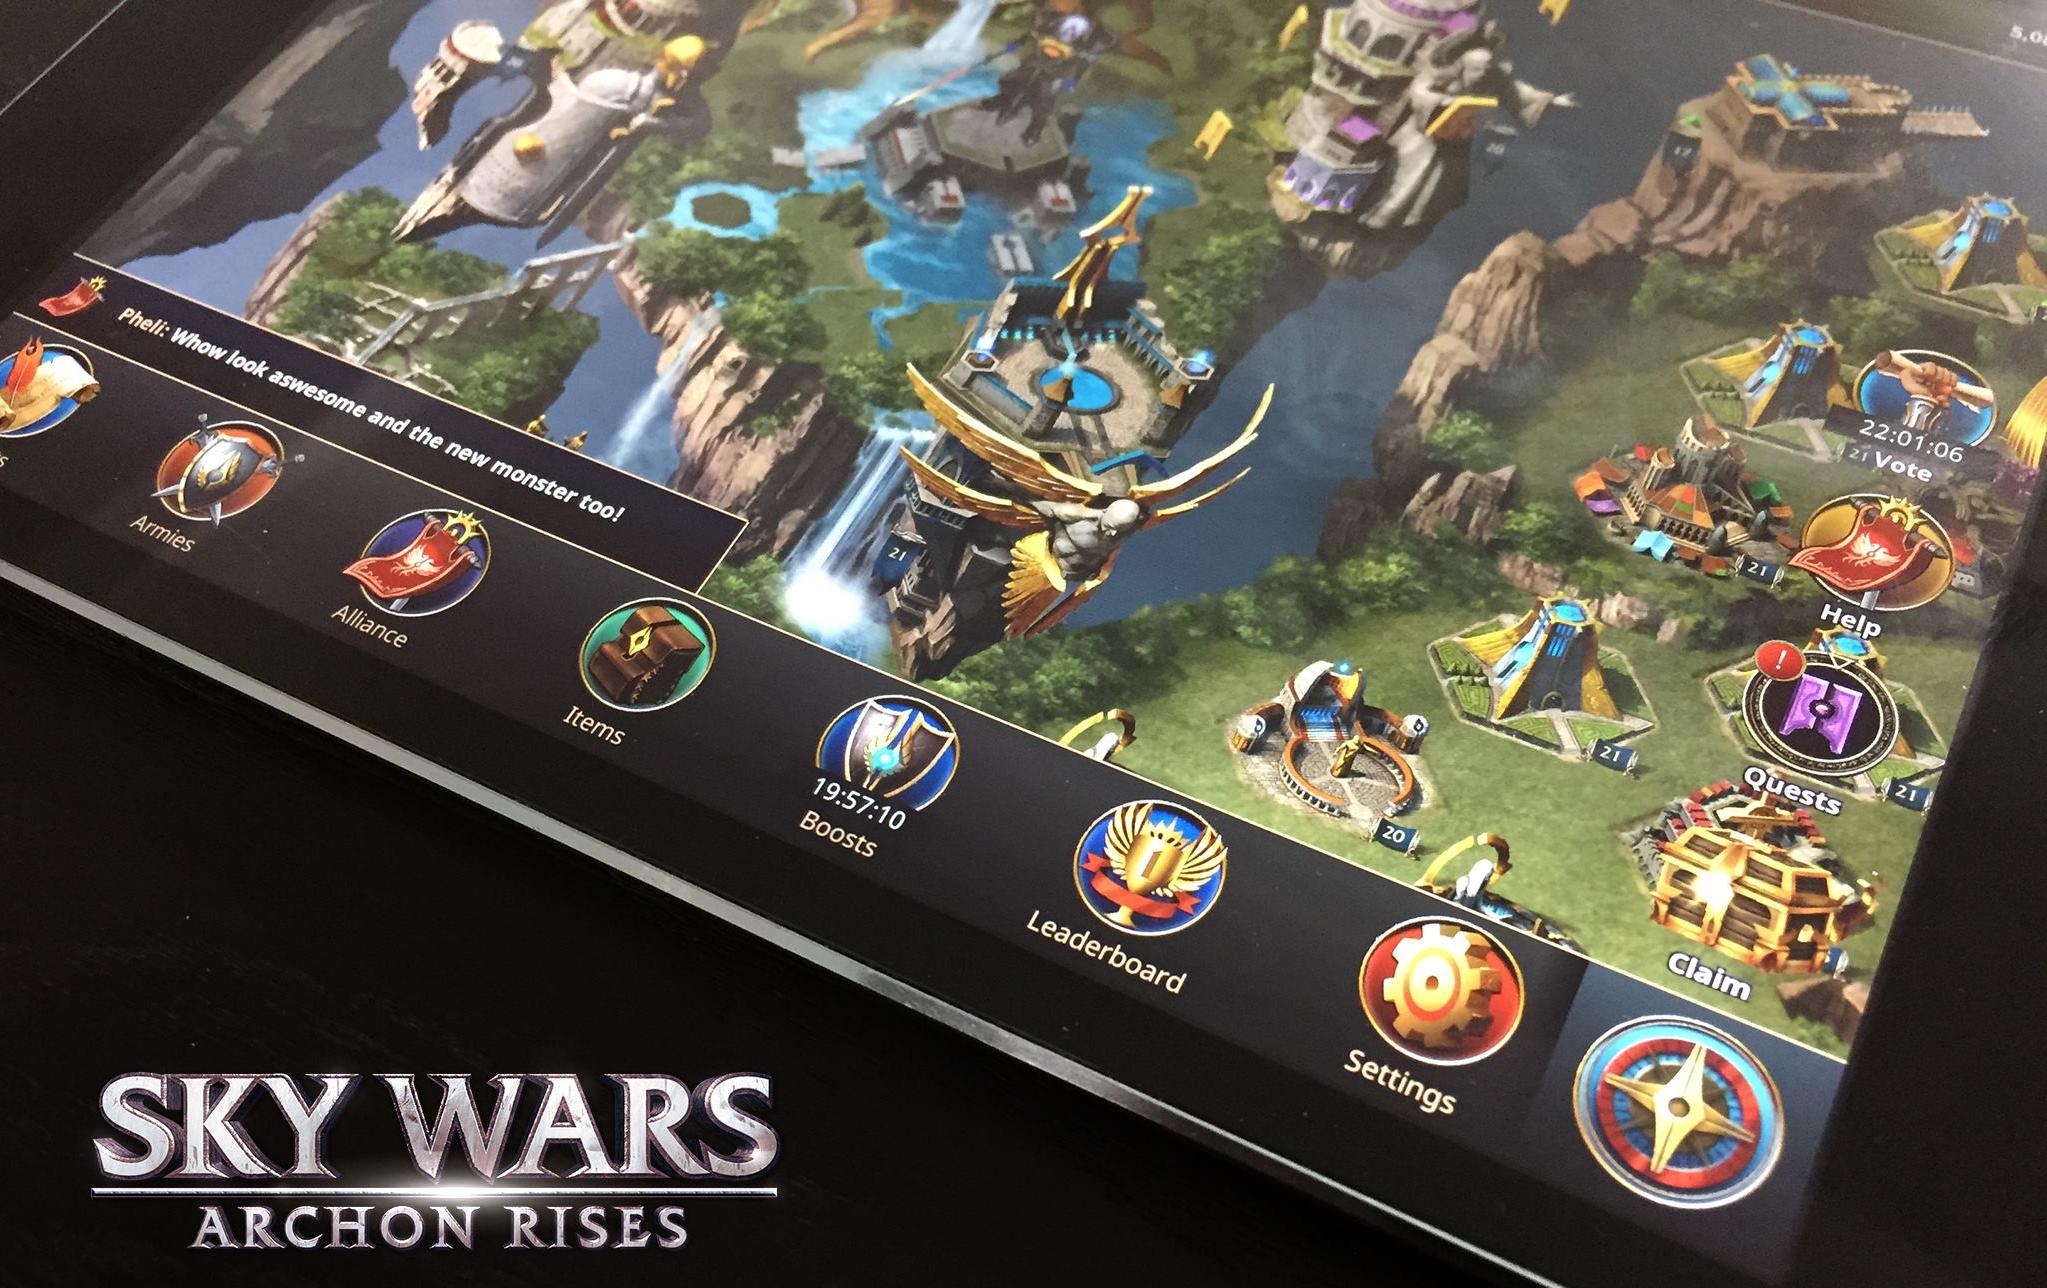 Sky Wars: Archon Rises